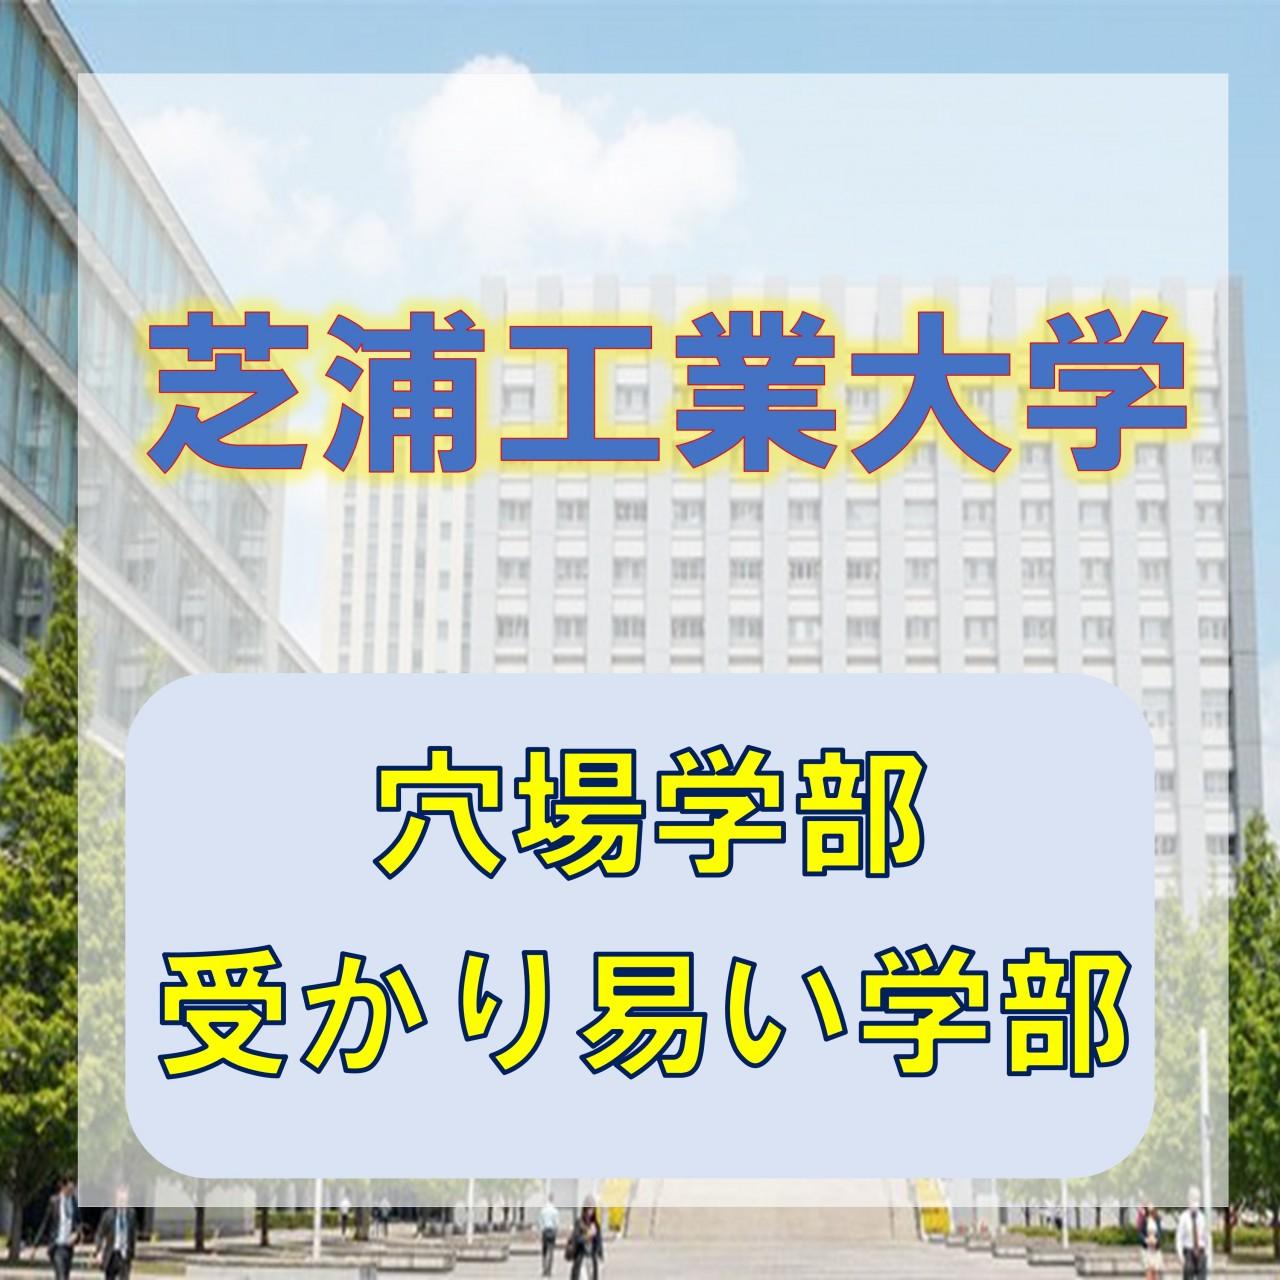 工業 合格 発表 大学 芝浦